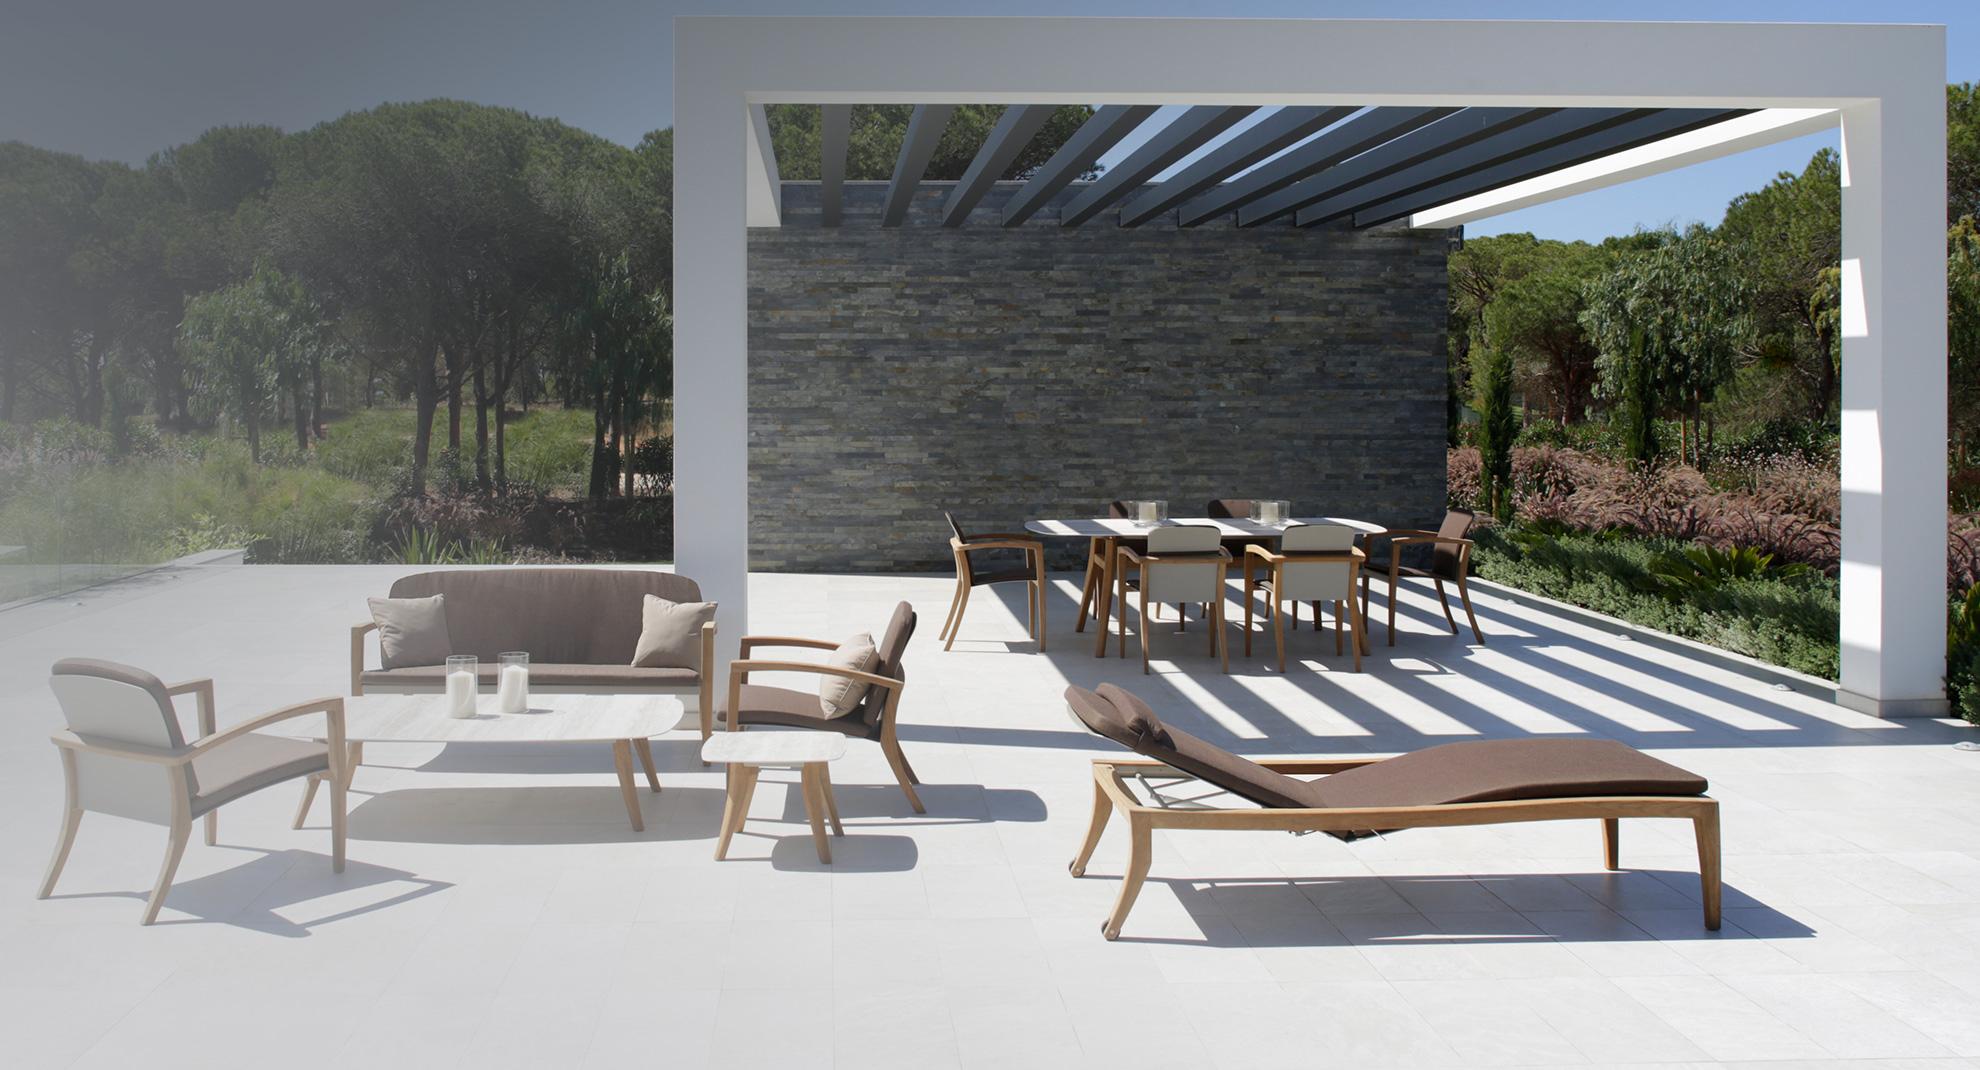 sun mobilier salon de jardin mobilier ext rieur design. Black Bedroom Furniture Sets. Home Design Ideas